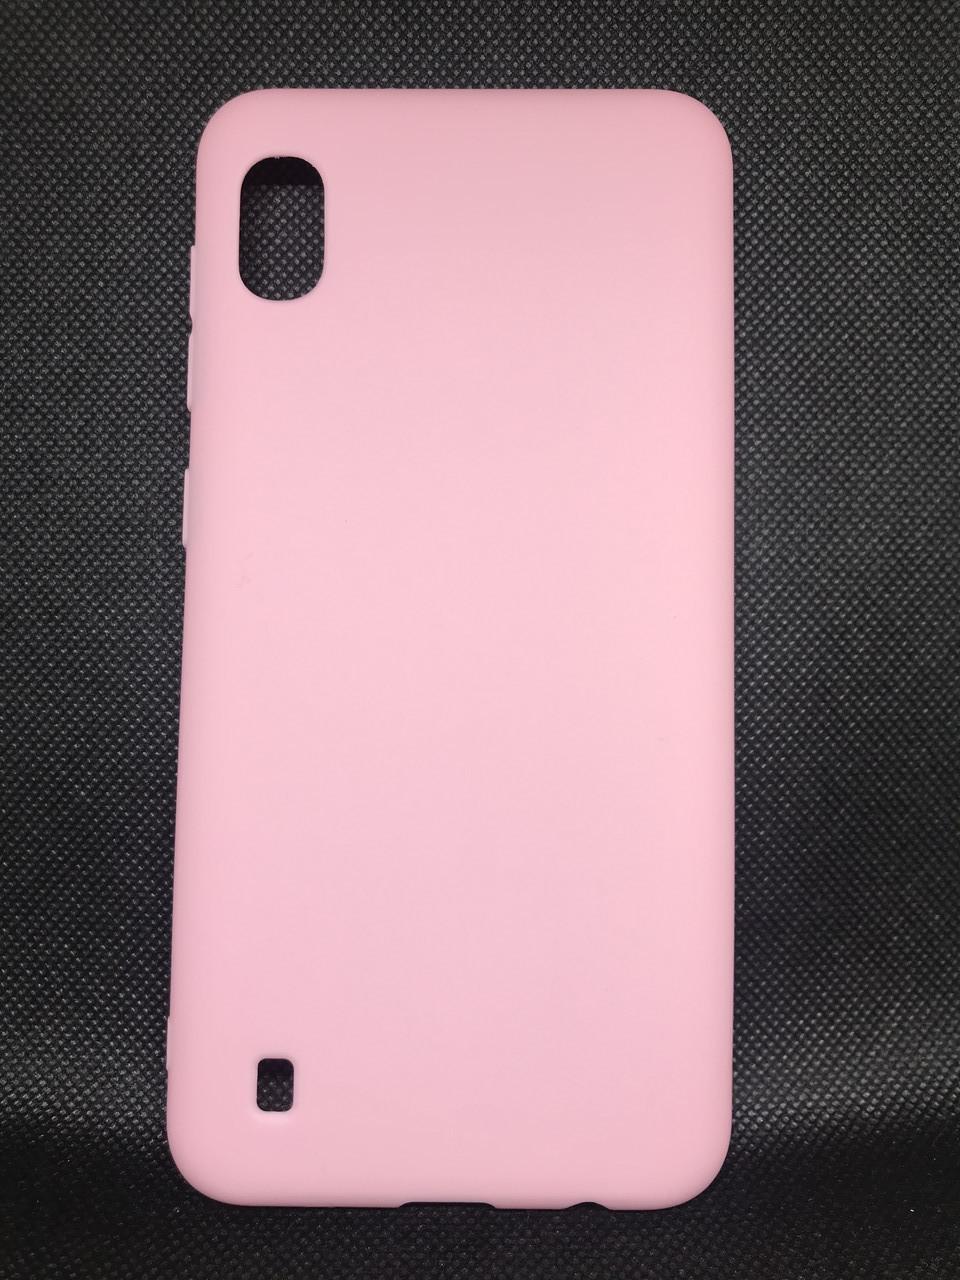 Samsung Galaxy A10 2019 (A105F) цветной матовый силиконовый ультратонкий чехол/ бампер/ накладка розовый